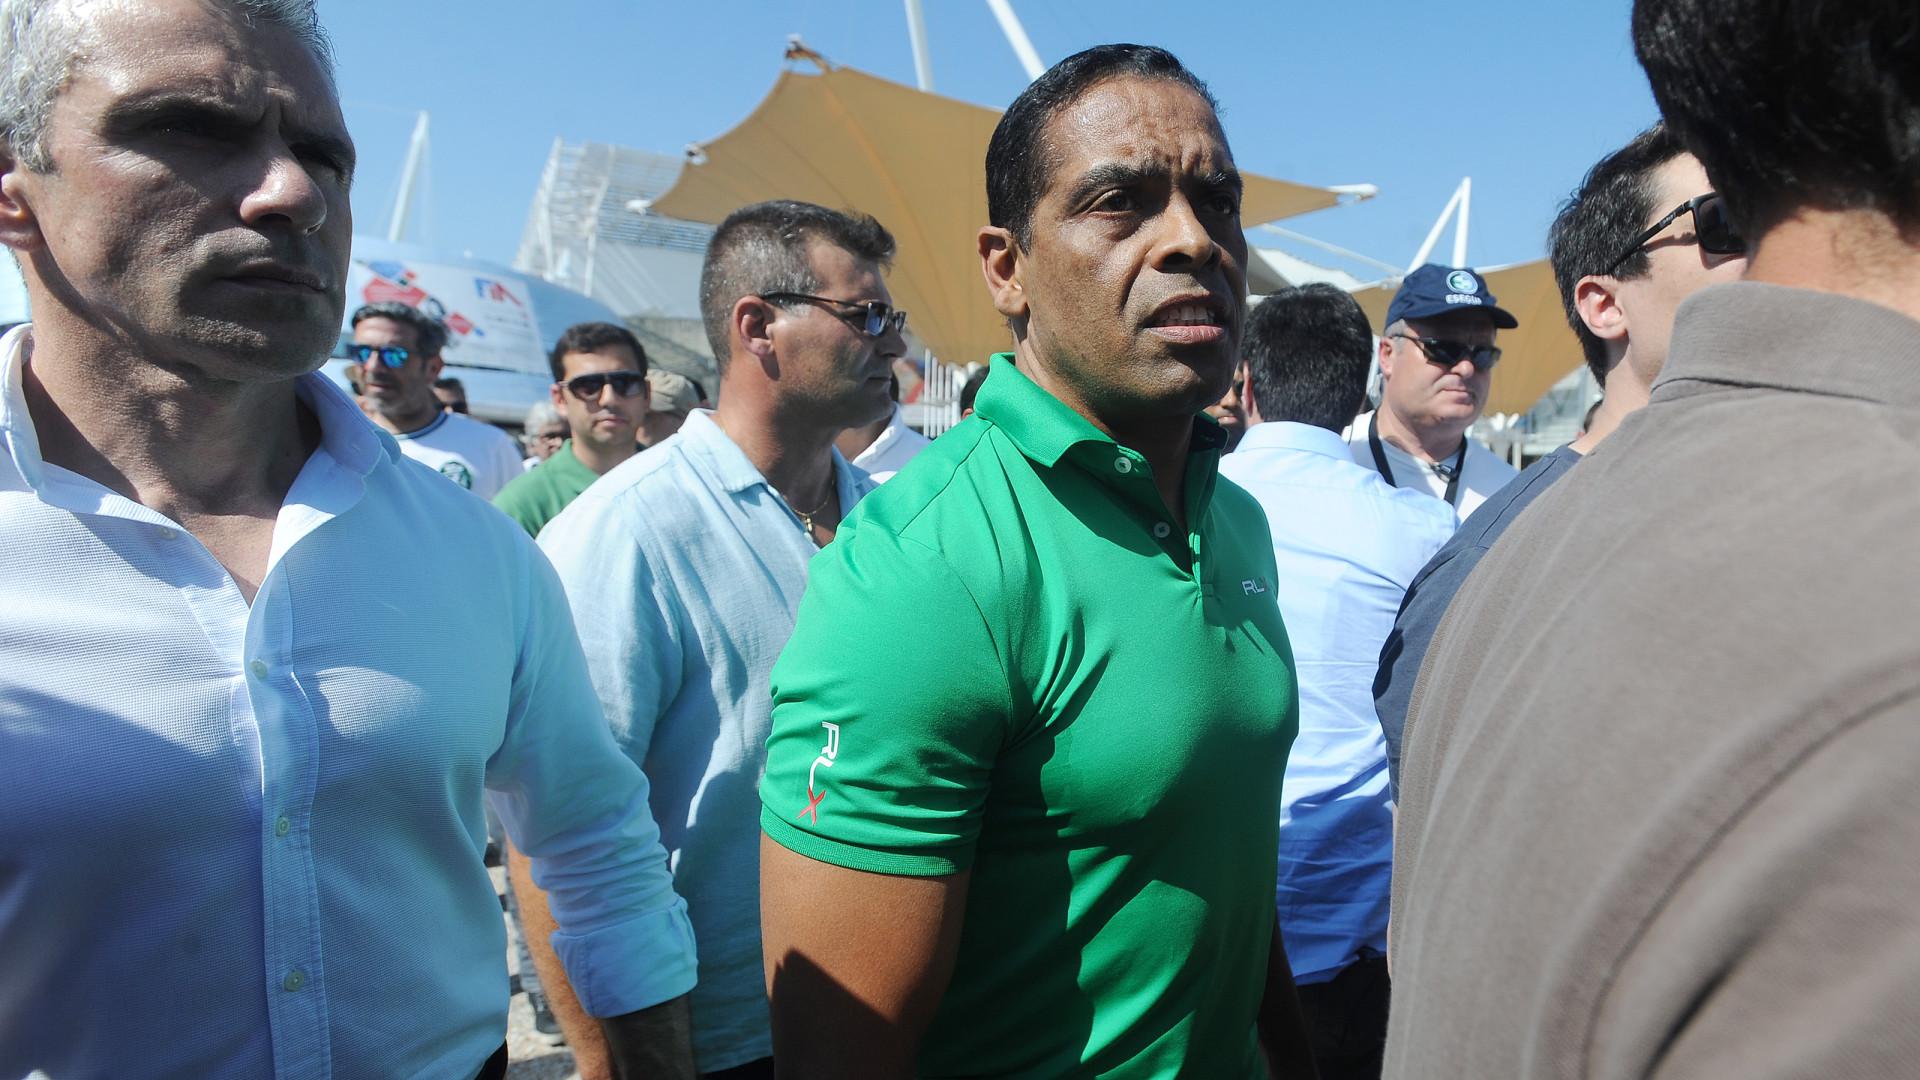 Álvaro Sobrinho alvo de tentativas de agressão na Assembleia Geral